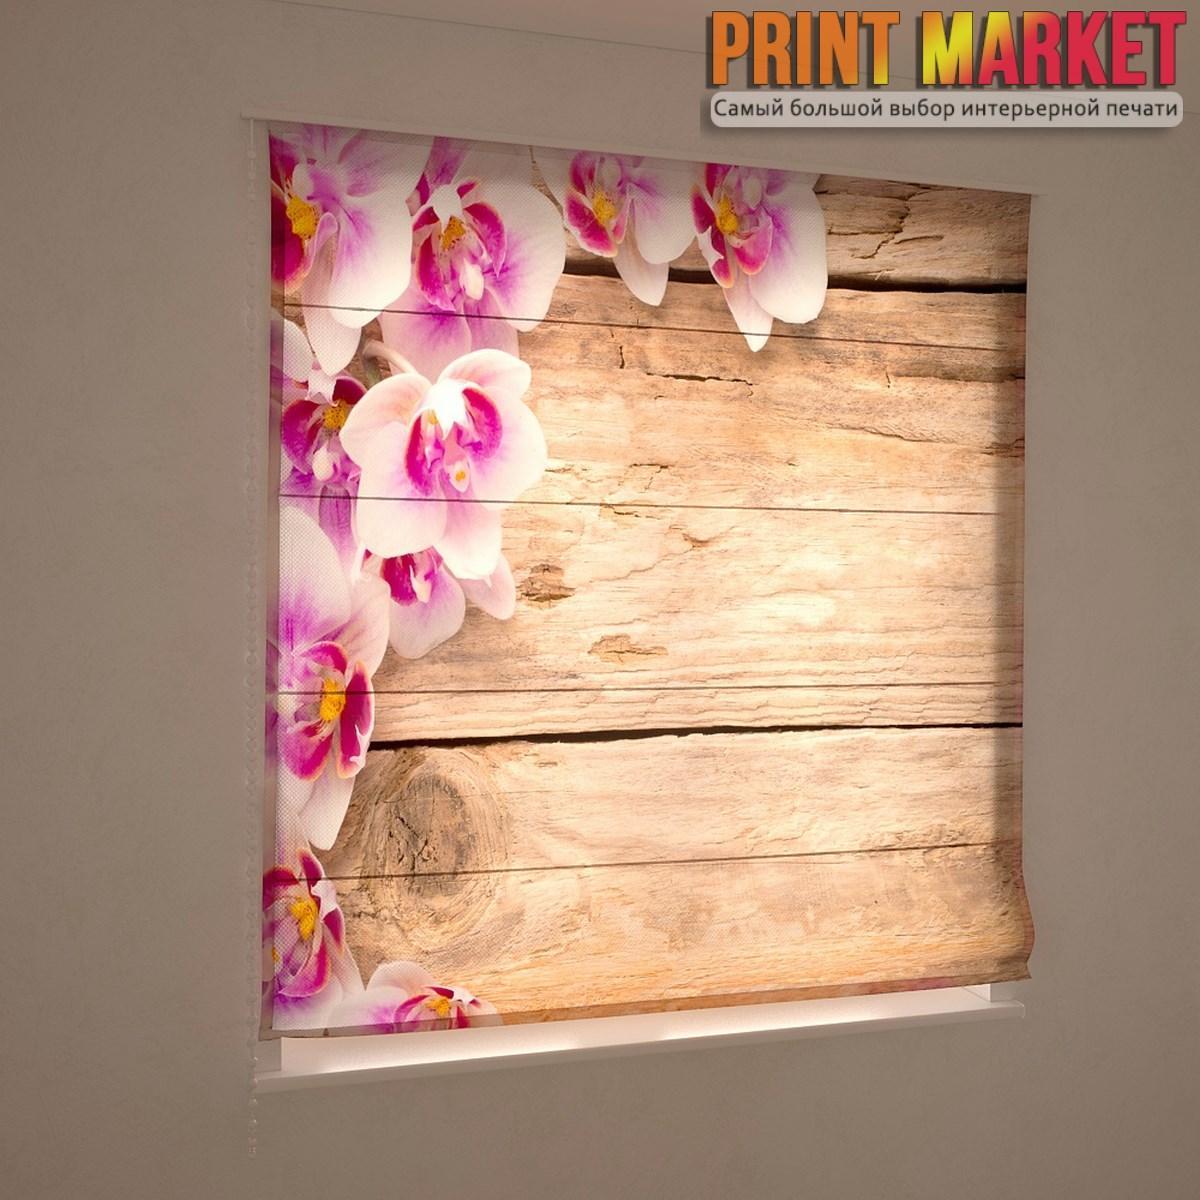 Фотошторы римские розово-фиолетовые орхидеи